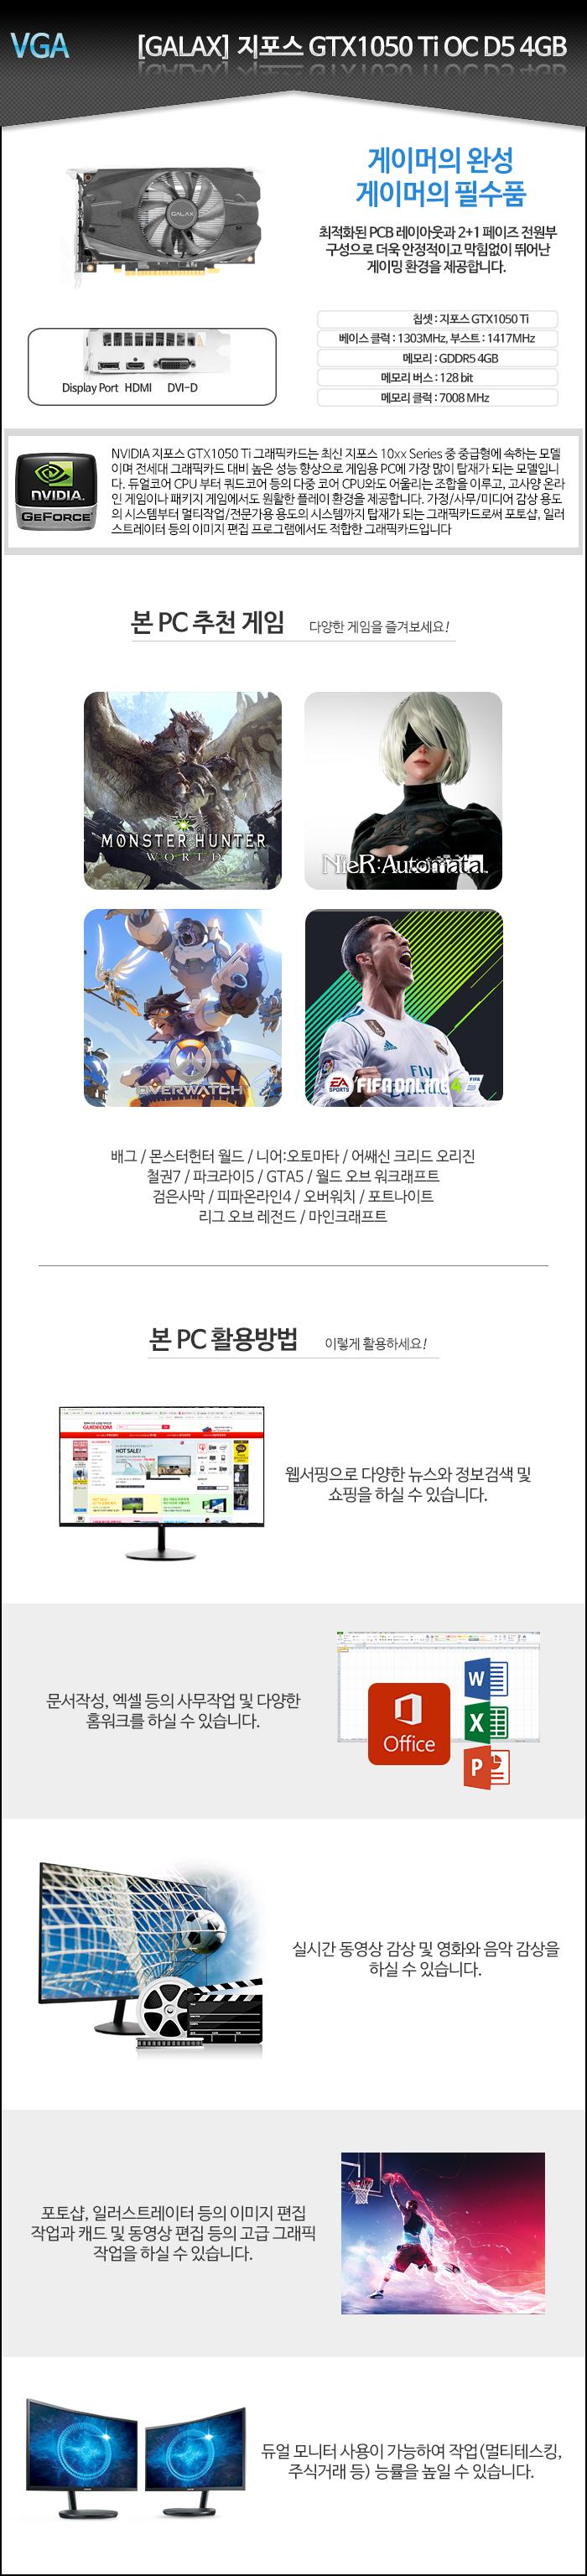 [GALAX] 지포스 GTX1050 Ti OC D5 4GB